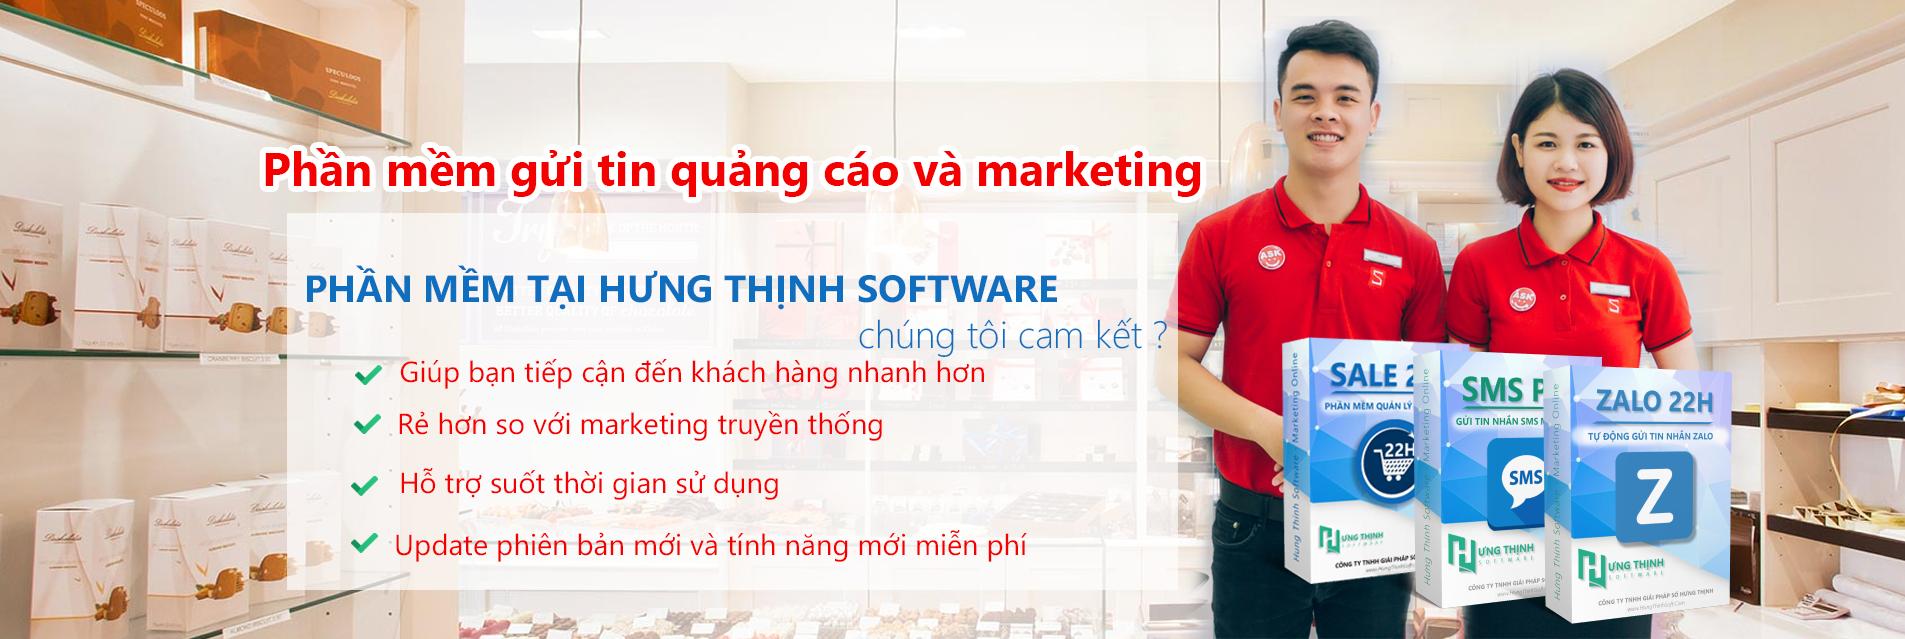 banner phần mềm quảng cáo 22h